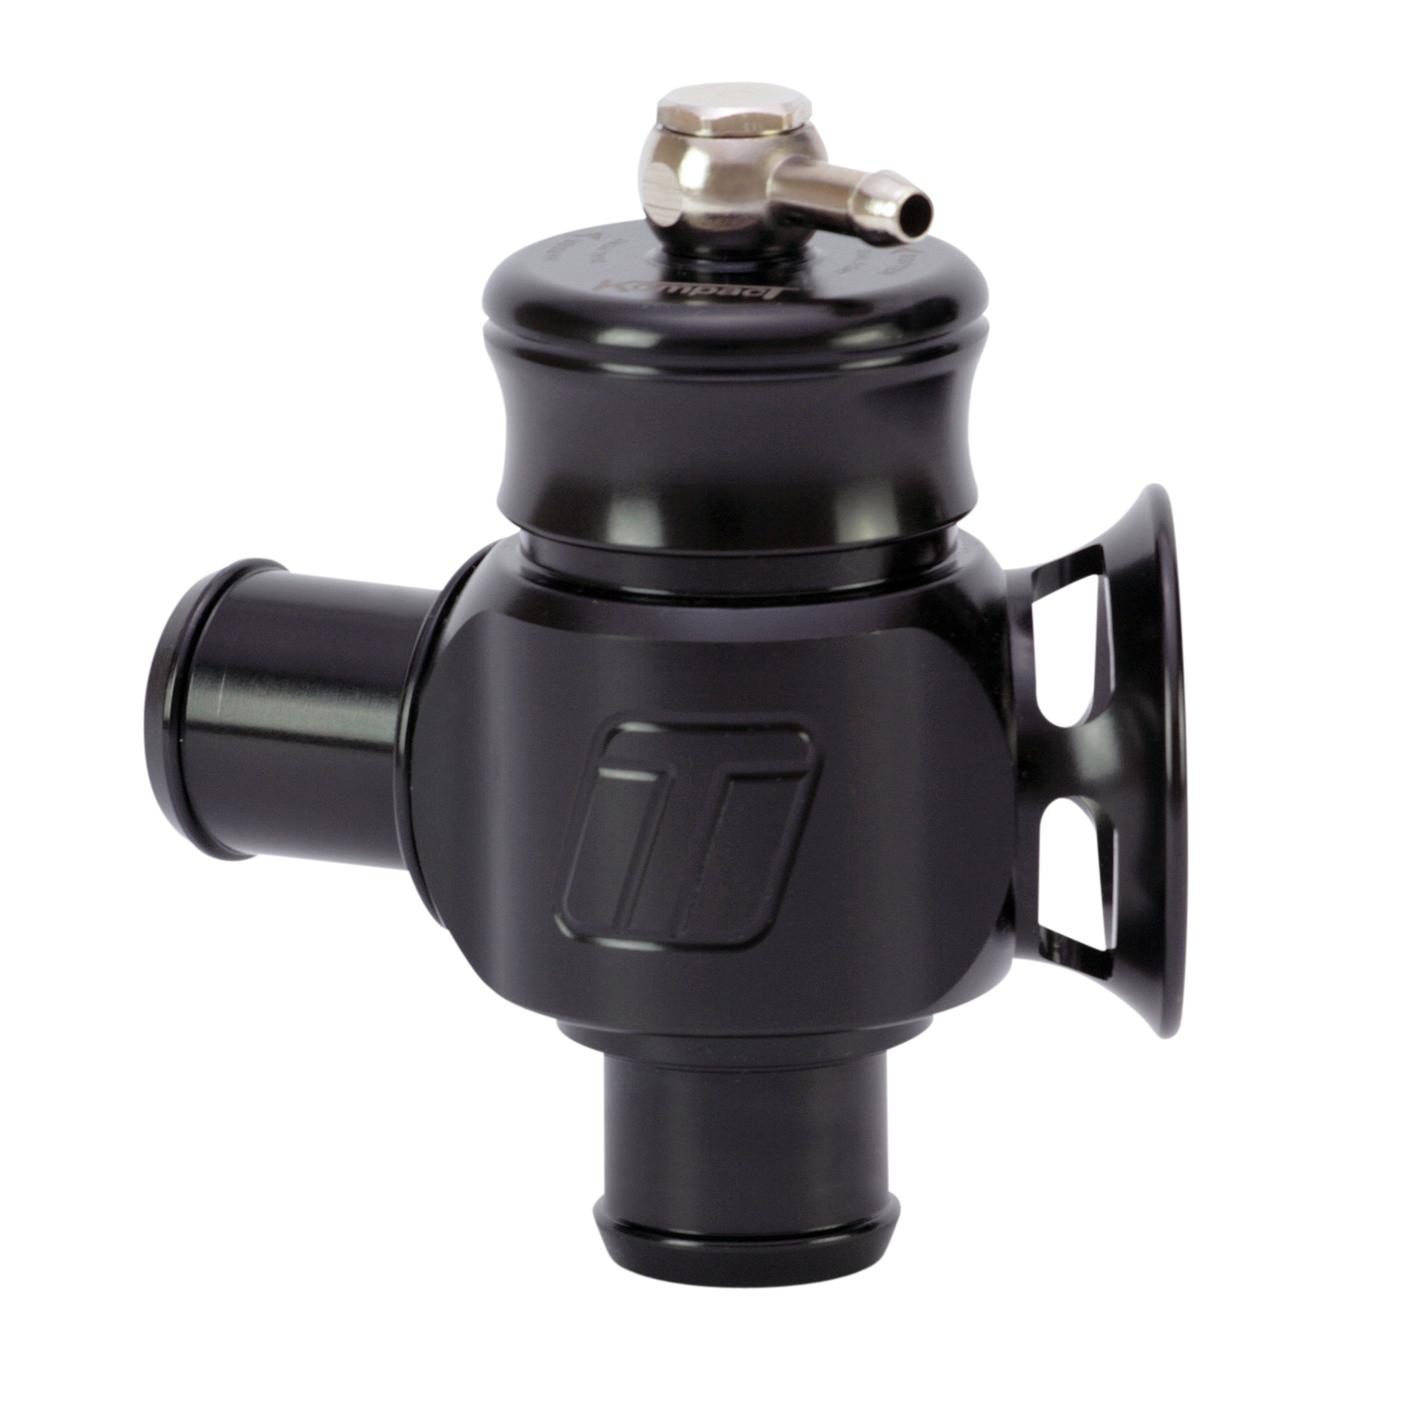 Turbosmart Kompact Dual Port-25mm BOV